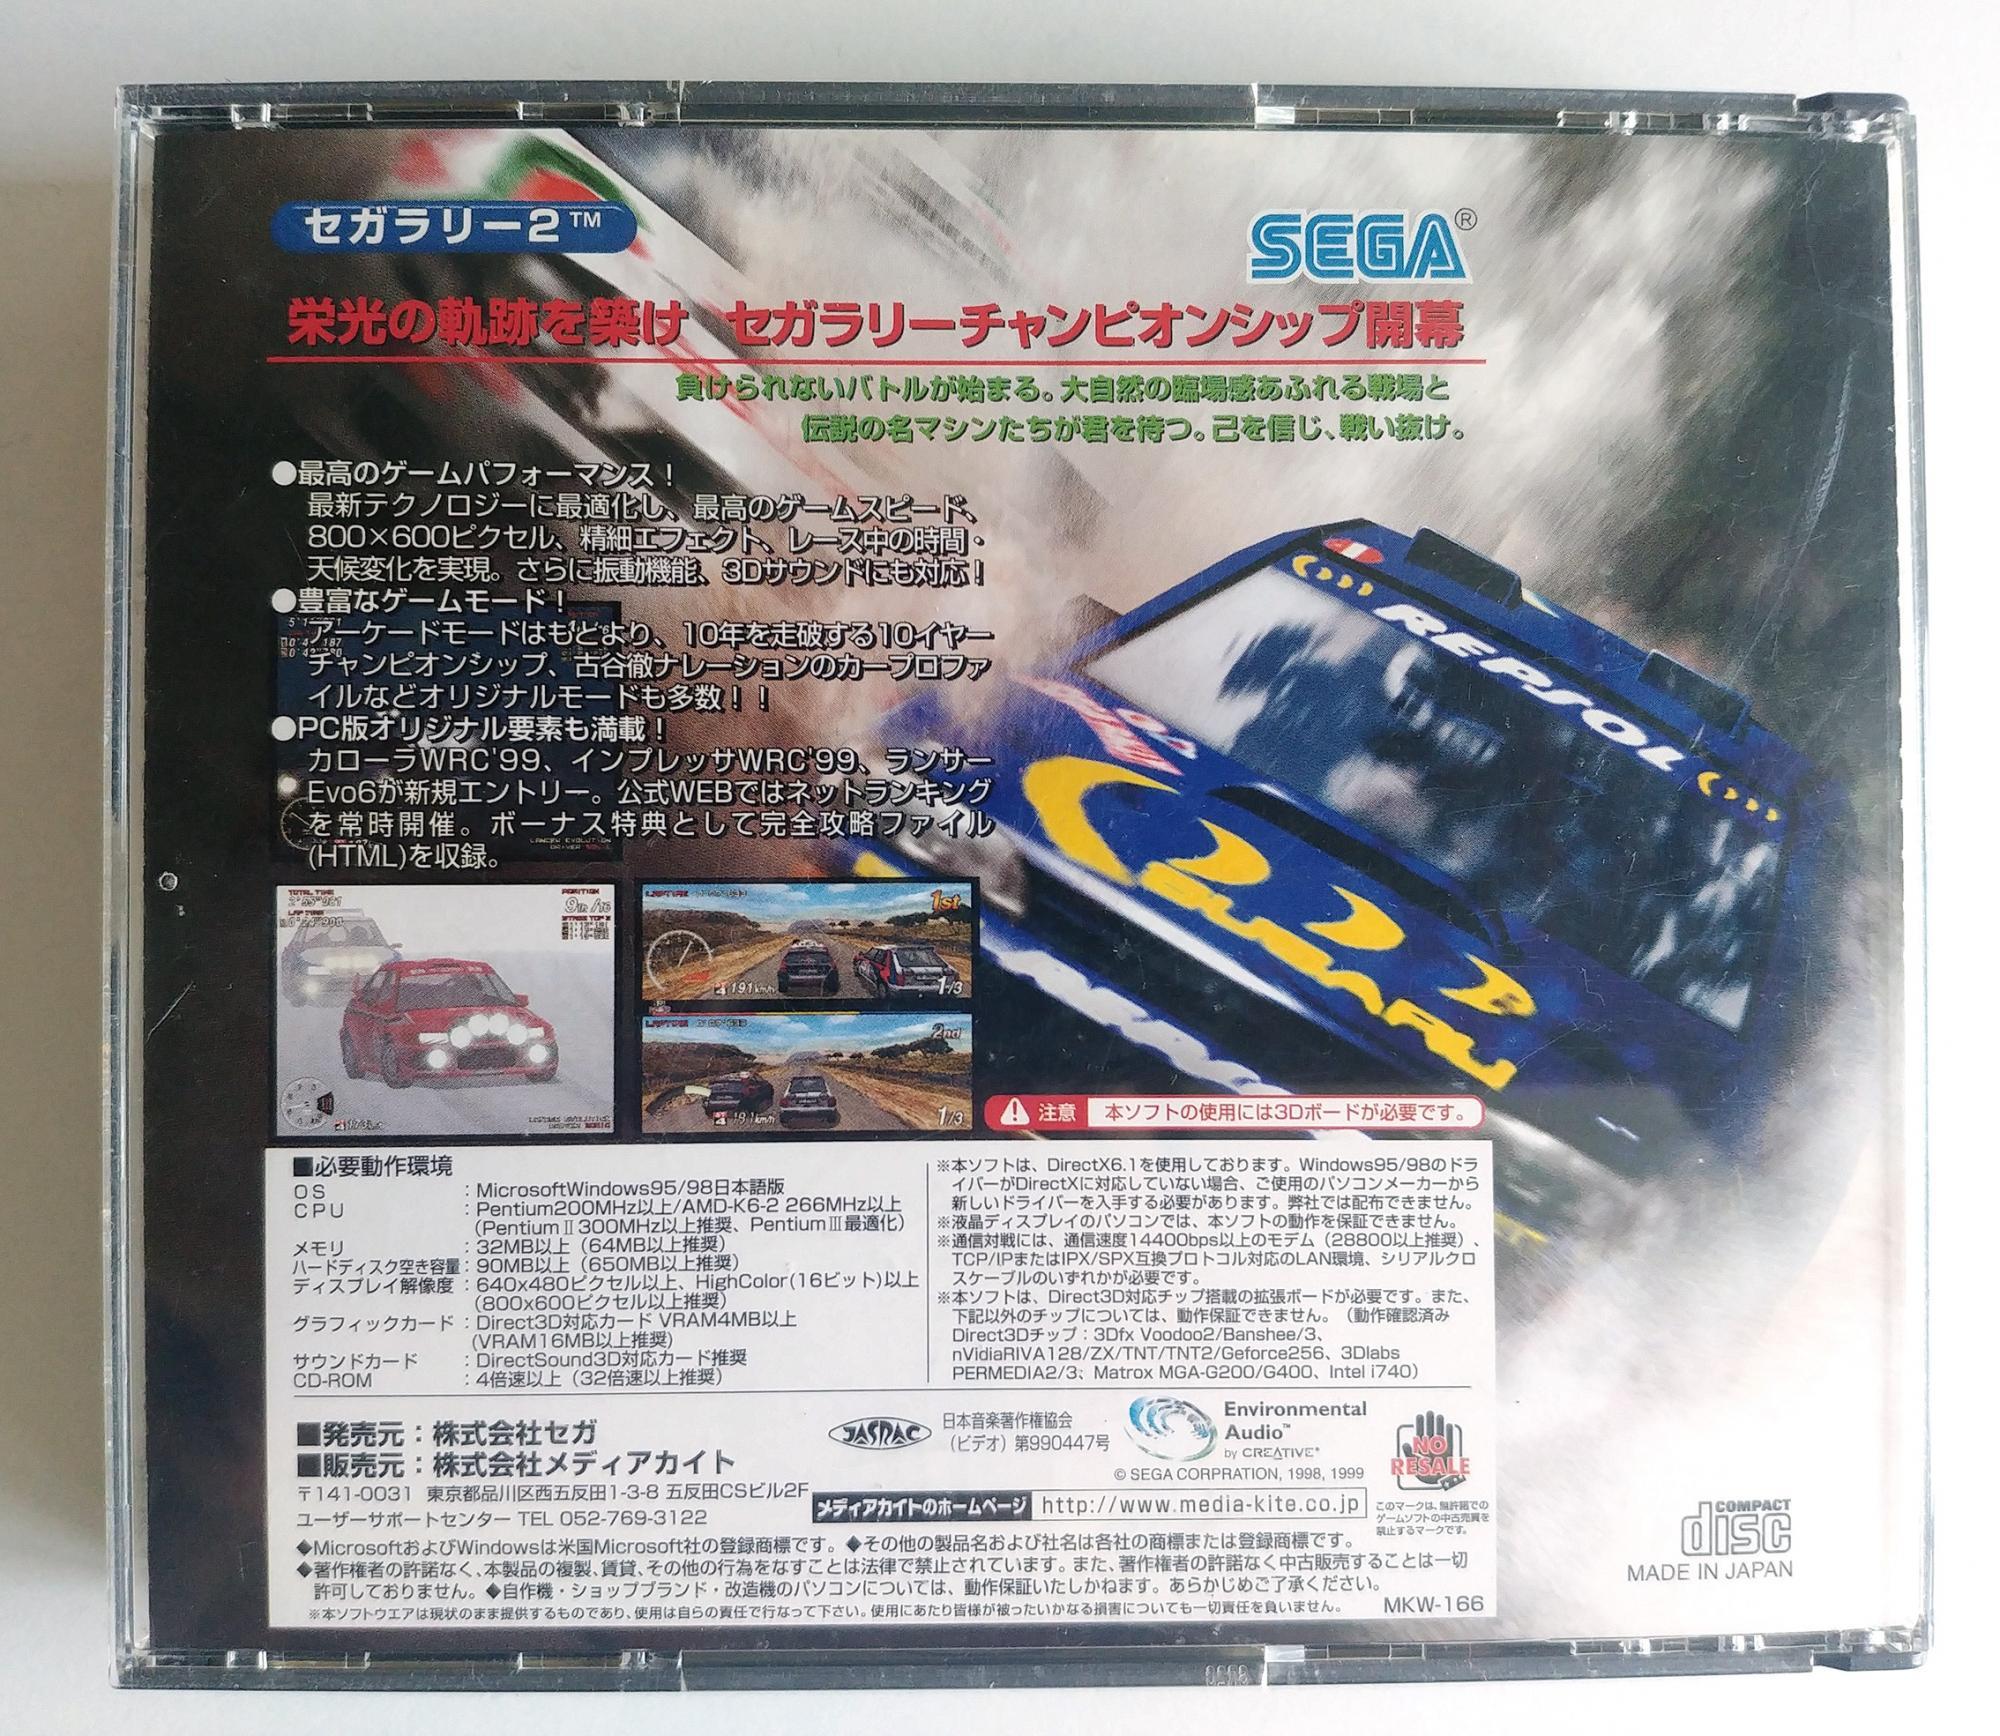 Игра для PC Sega Rally (японская версия) в Москве 89067491524 купить 2